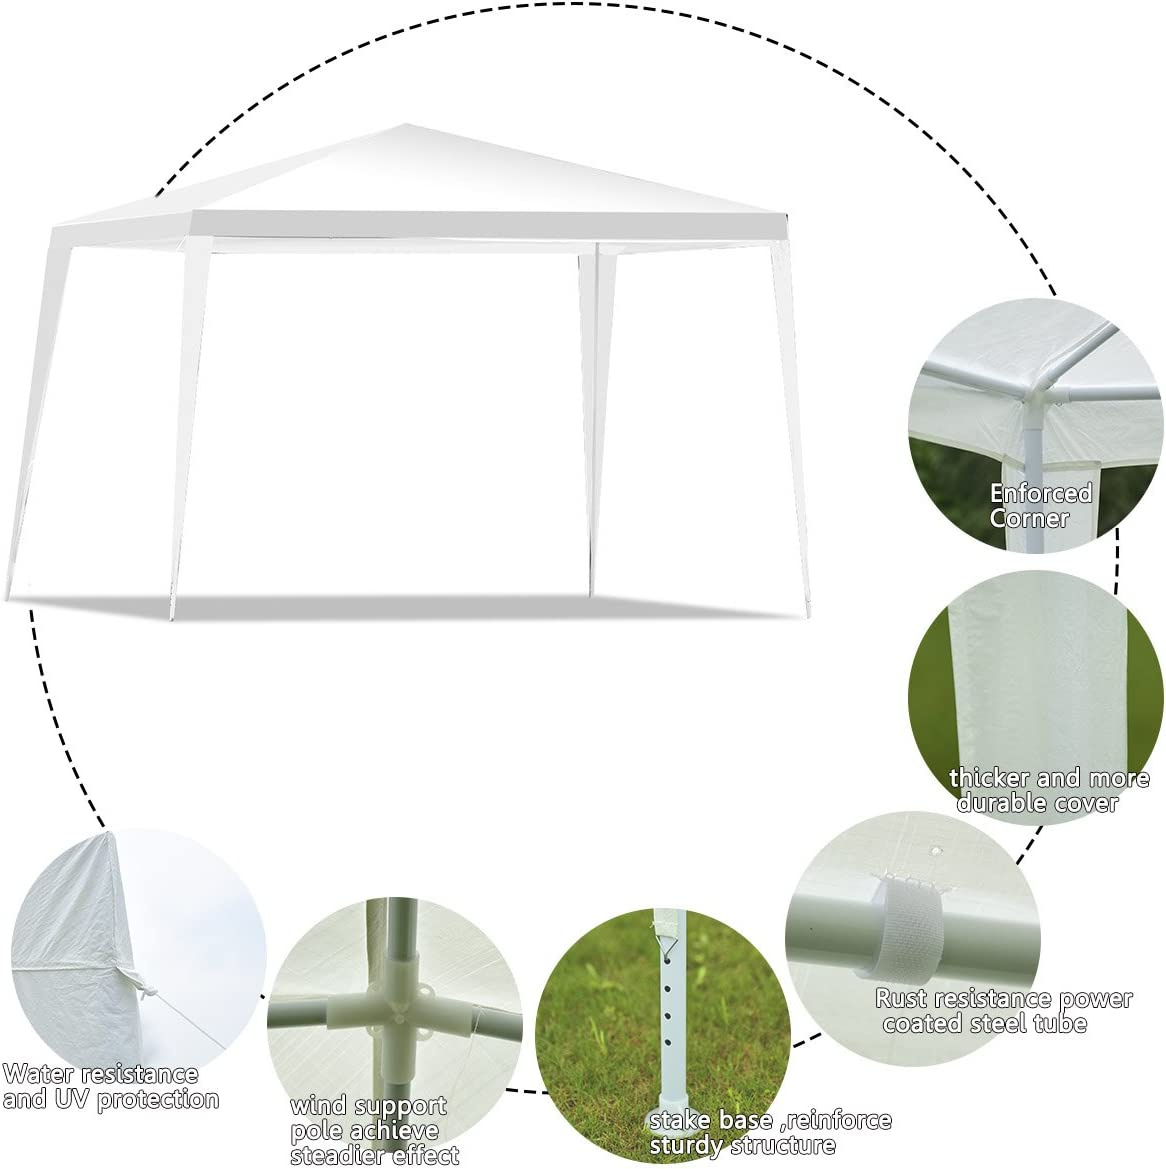 tettoia Pieghevole e Impermeabile Campeggio GYMAX per Feste in Giardino 3 x 3 m Colore Bianco Matrimoni Gazebo da Esterni Tenda Pop-up con 4 Corde Antivento